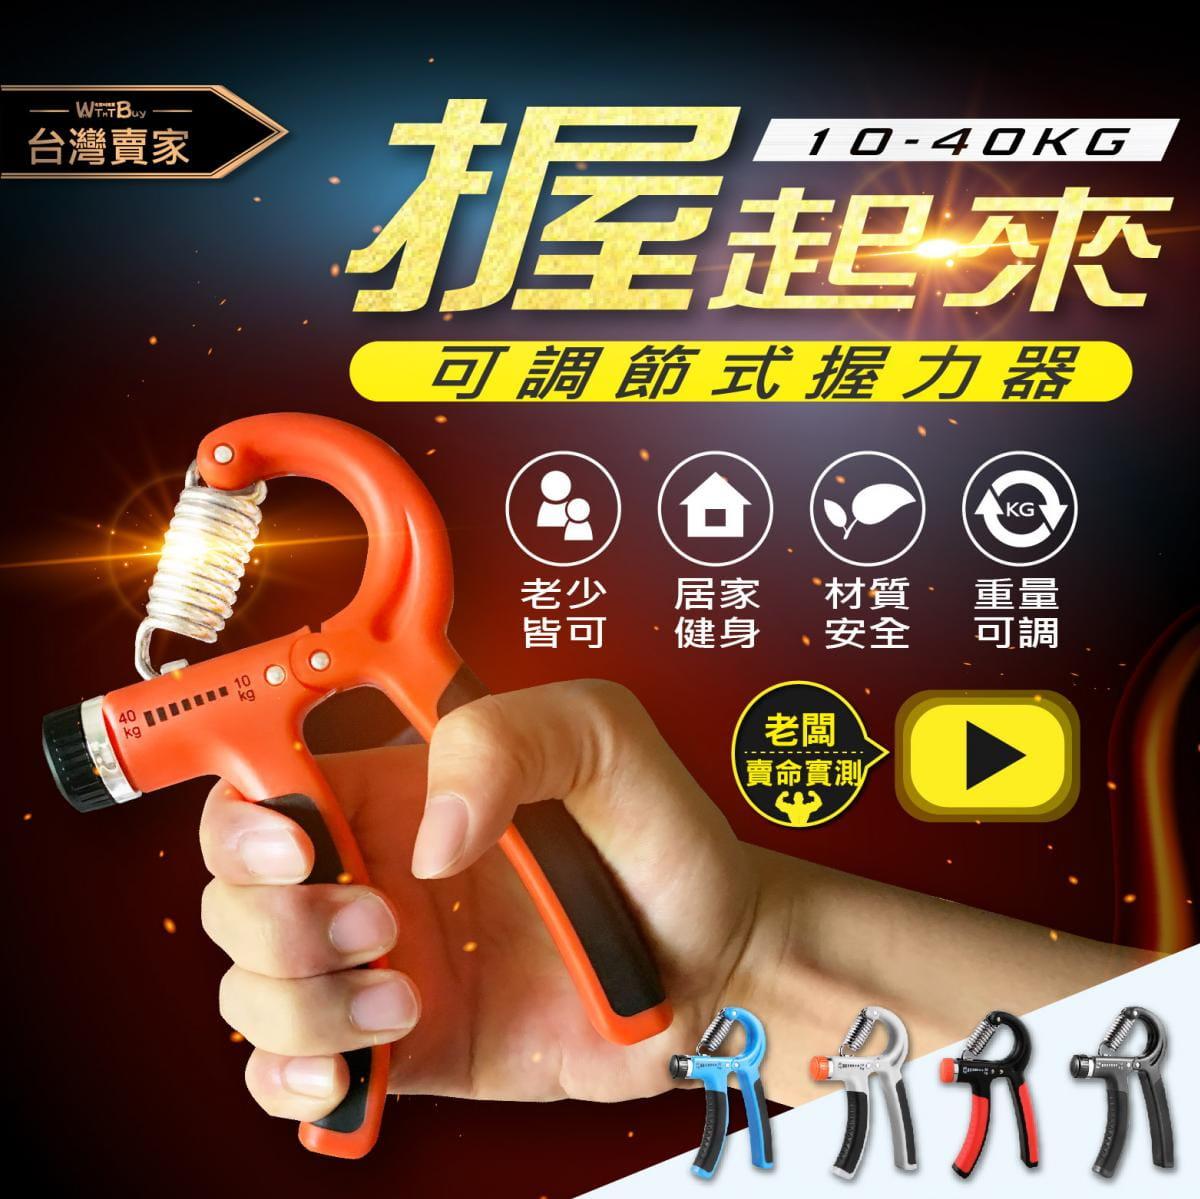 可調節式 握力器10~40KG 握力 腕力 握力訓練器 手腕訓練 腕力器 健身器材 紓壓 增肌